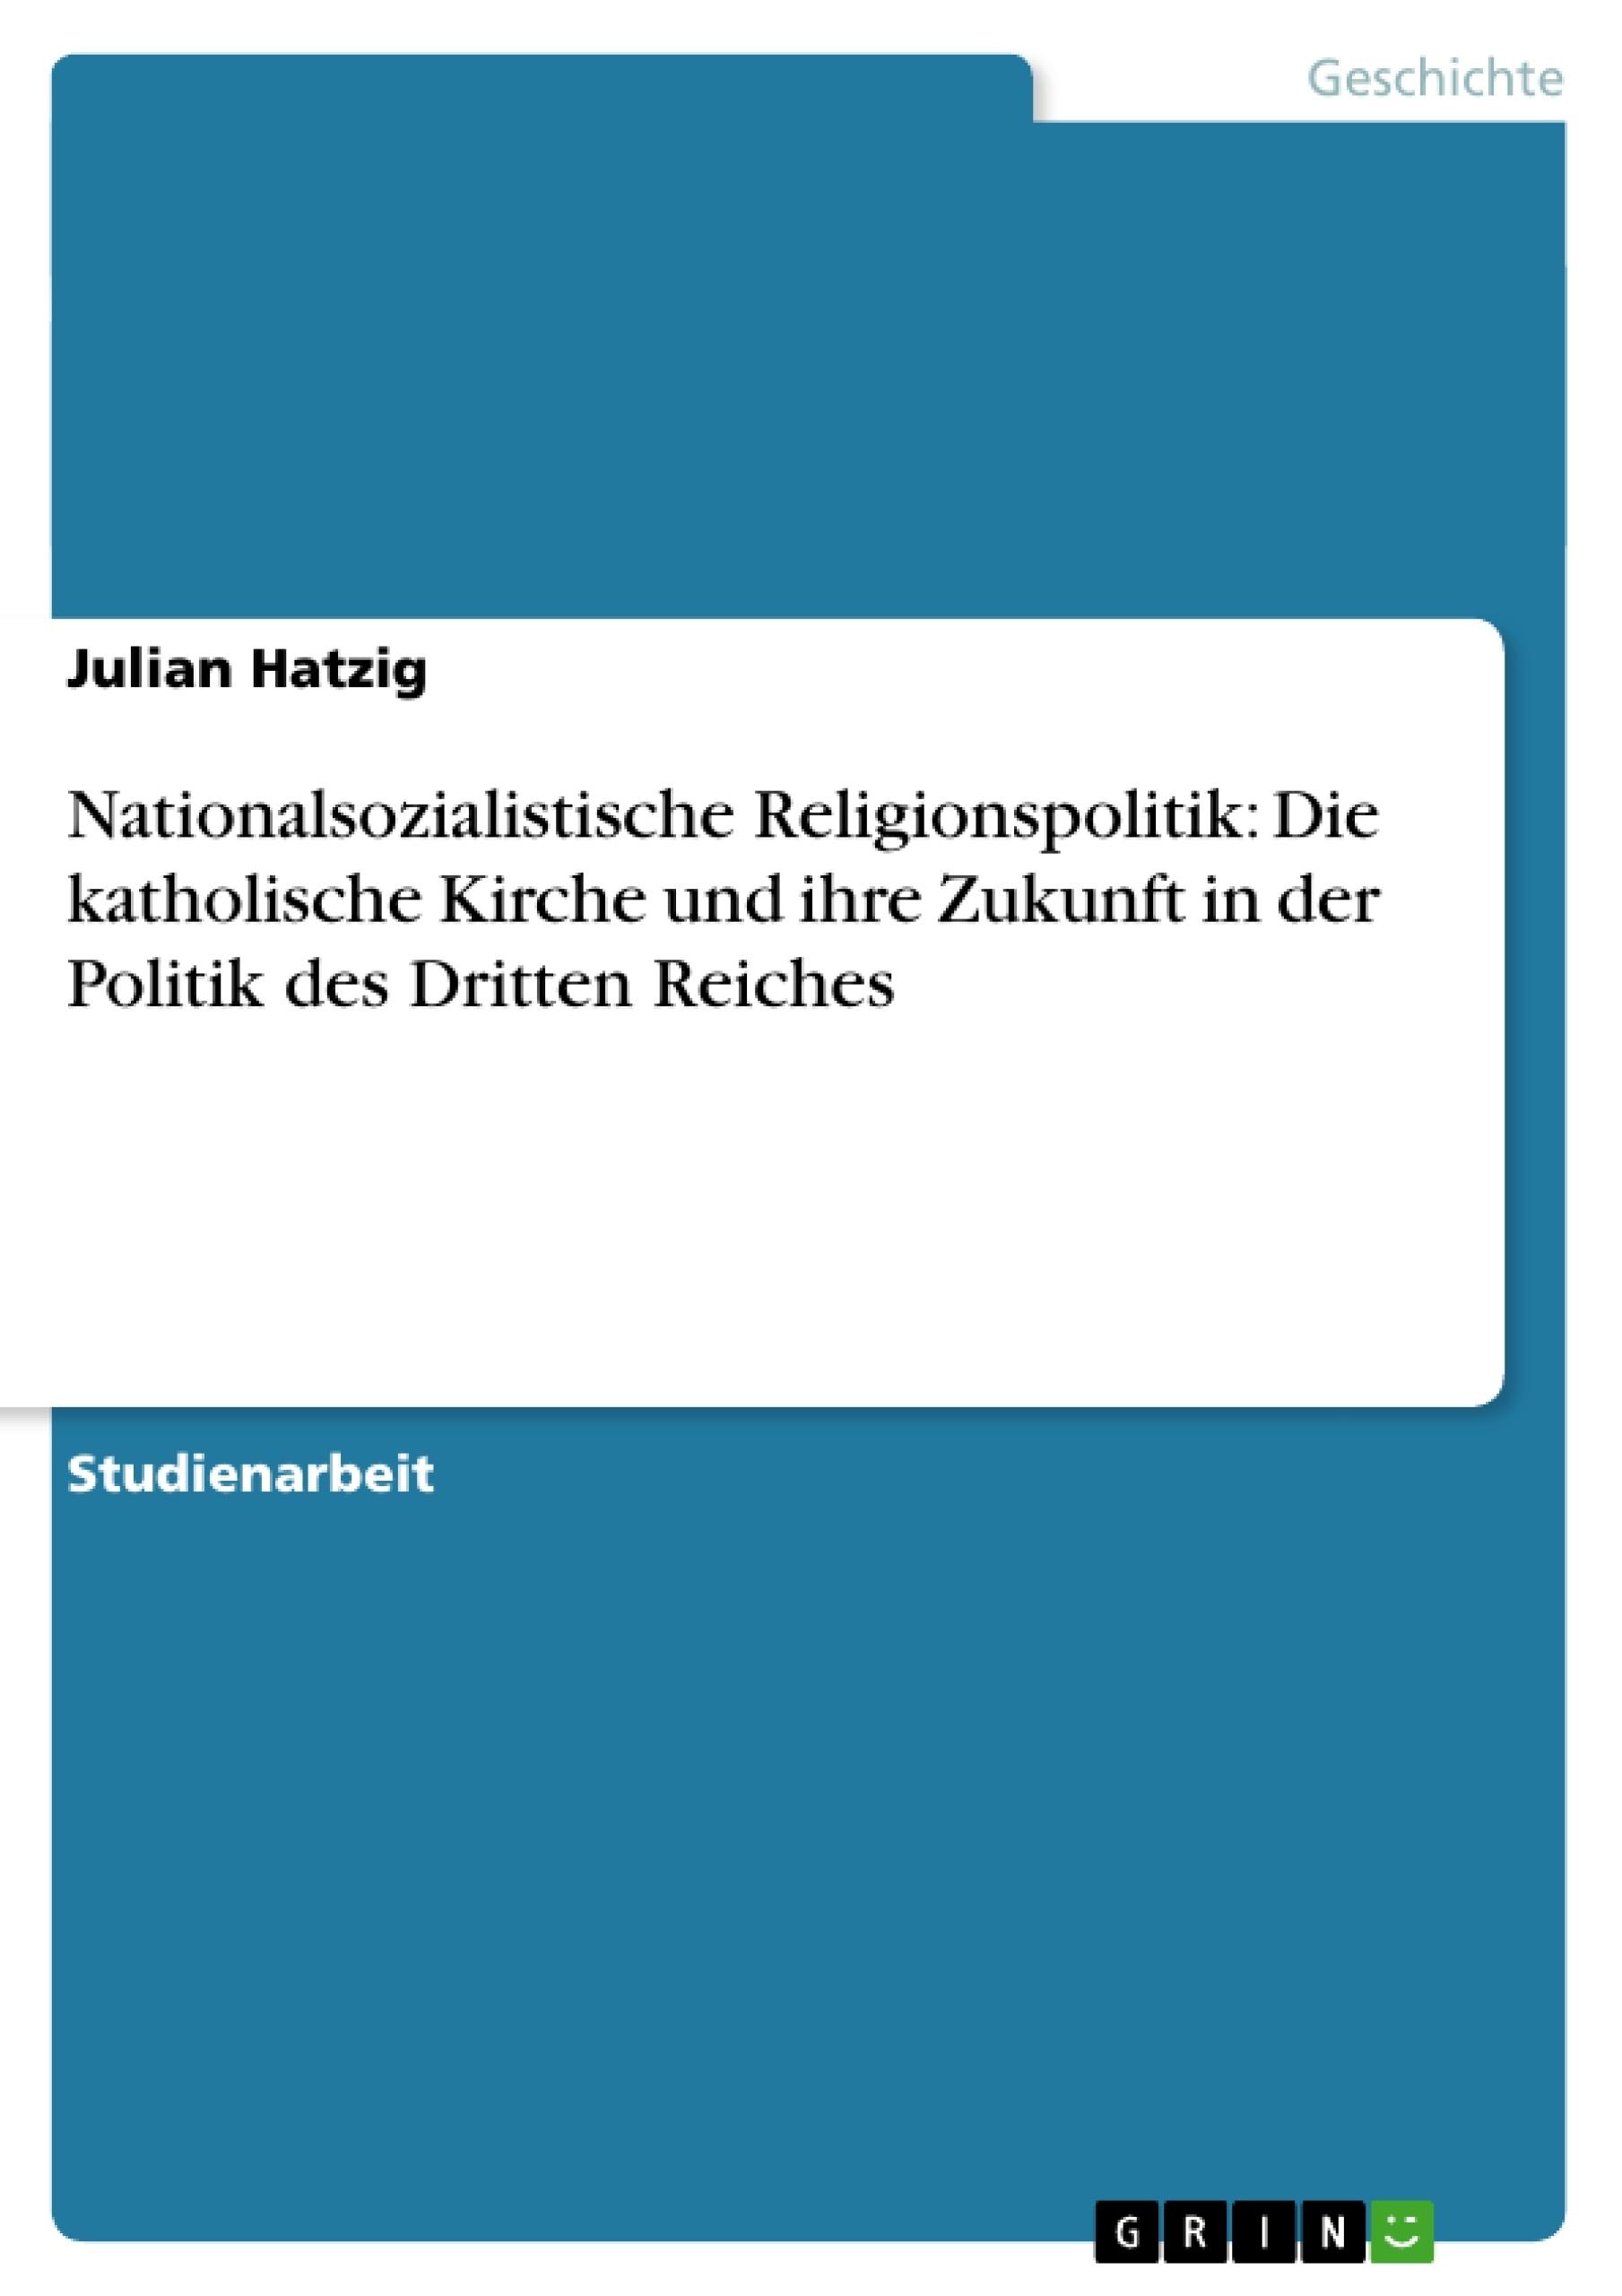 Titel: Nationalsozialistische Religionspolitik: Die katholische Kirche und ihre Zukunft in der Politik des Dritten Reiches